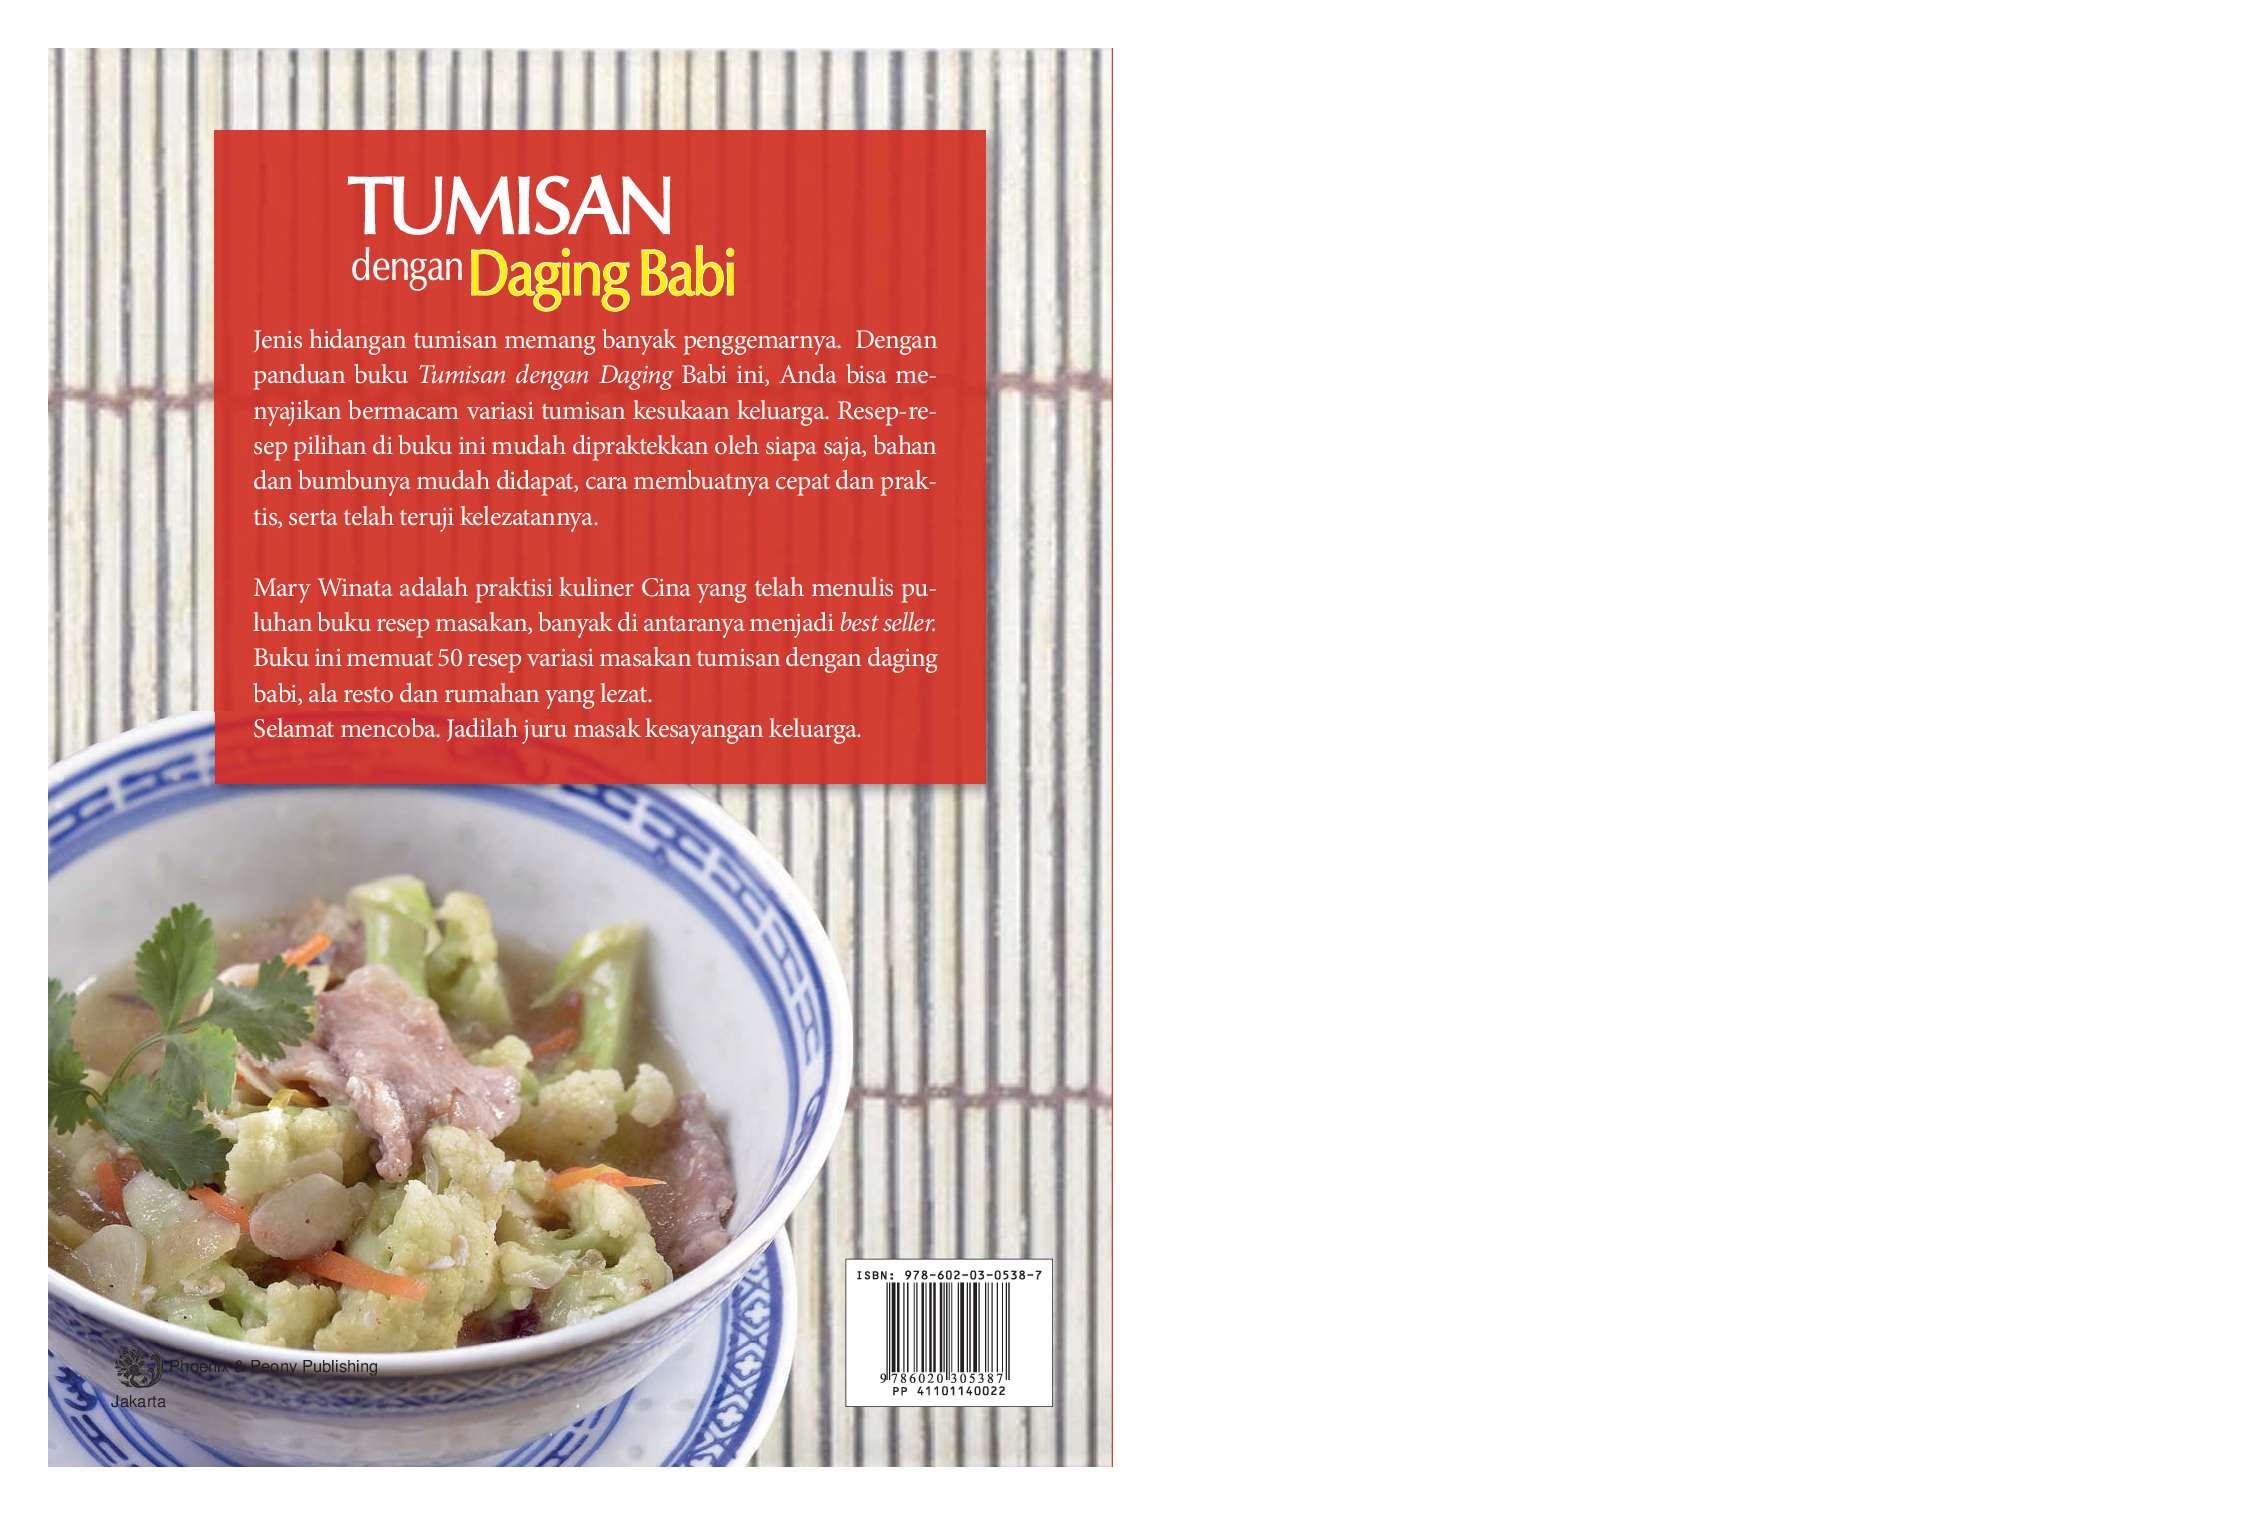 Jual Buku Tumisan Dengan Daging Babi Oleh Mary Winata Gramedia